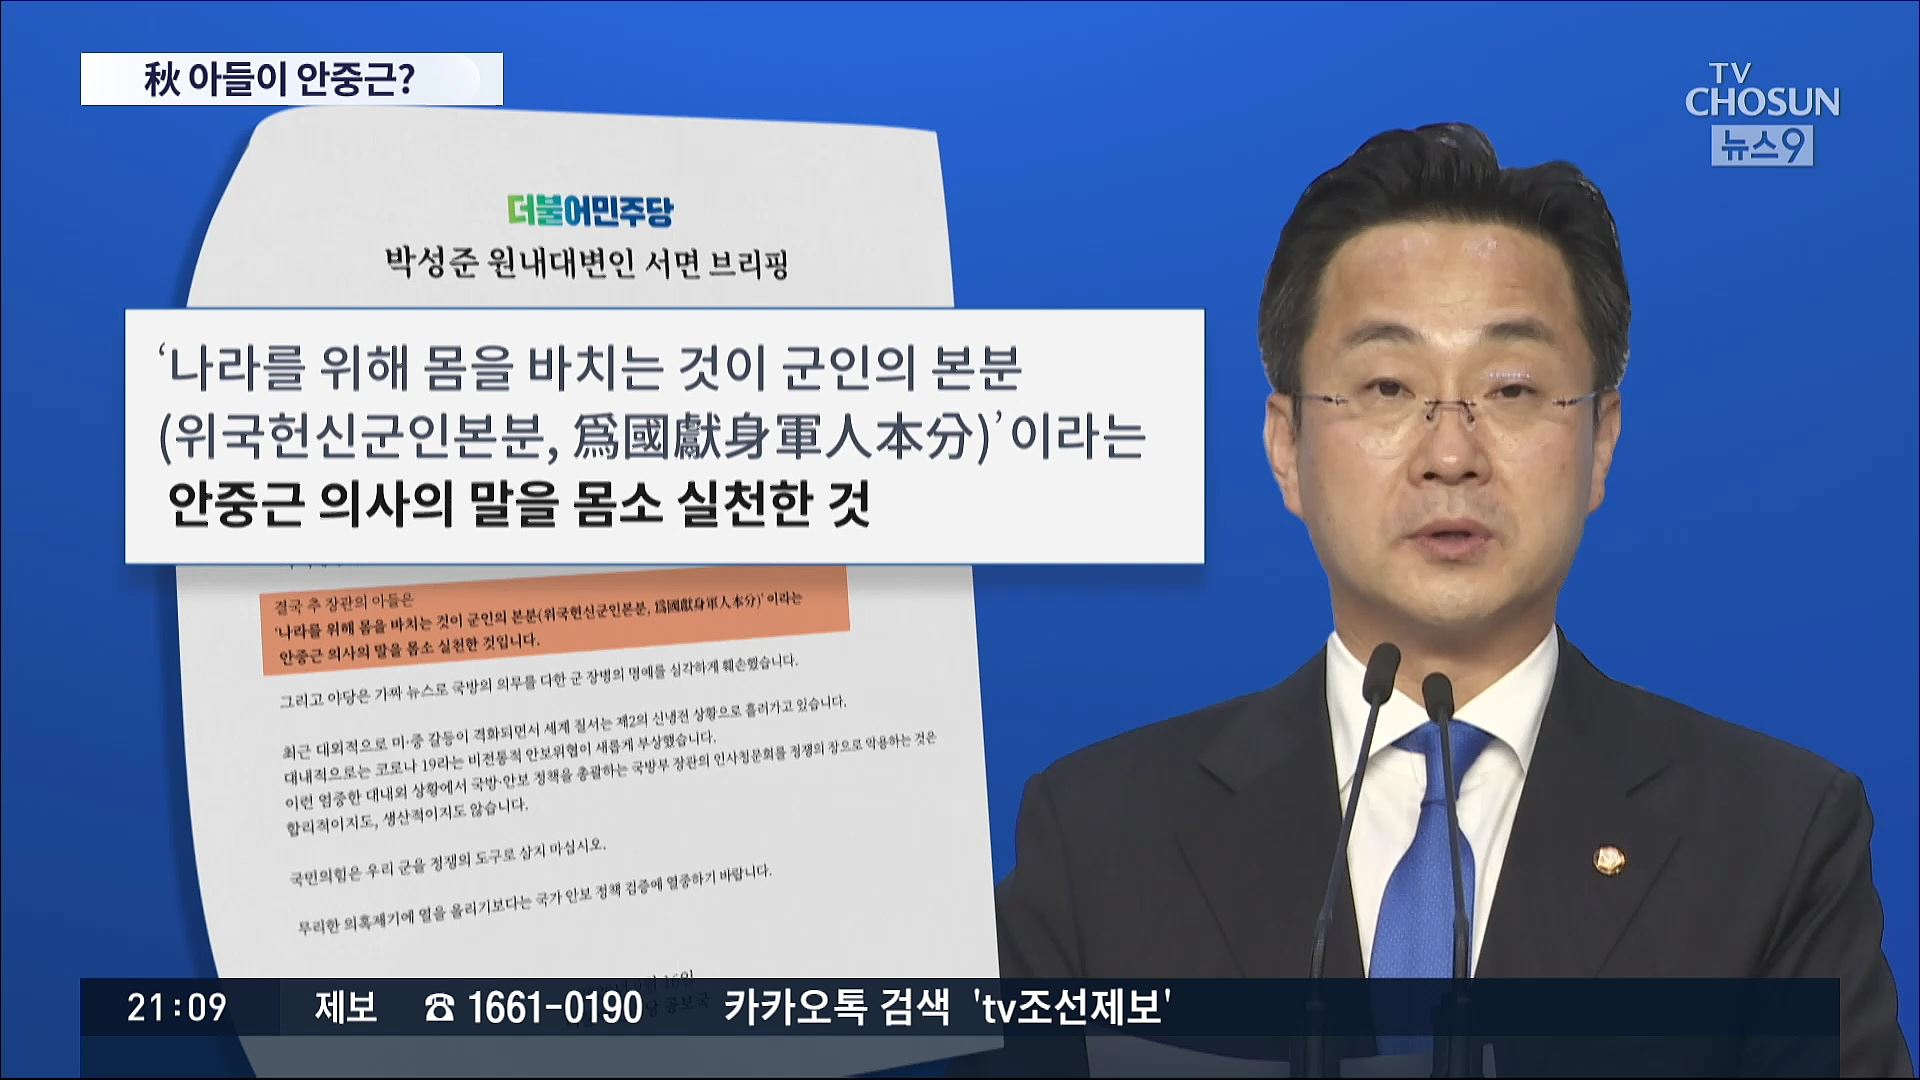 도 넘은 與의 秋 감싸기…박성준 '秋아들, 안중근의 말 실천'